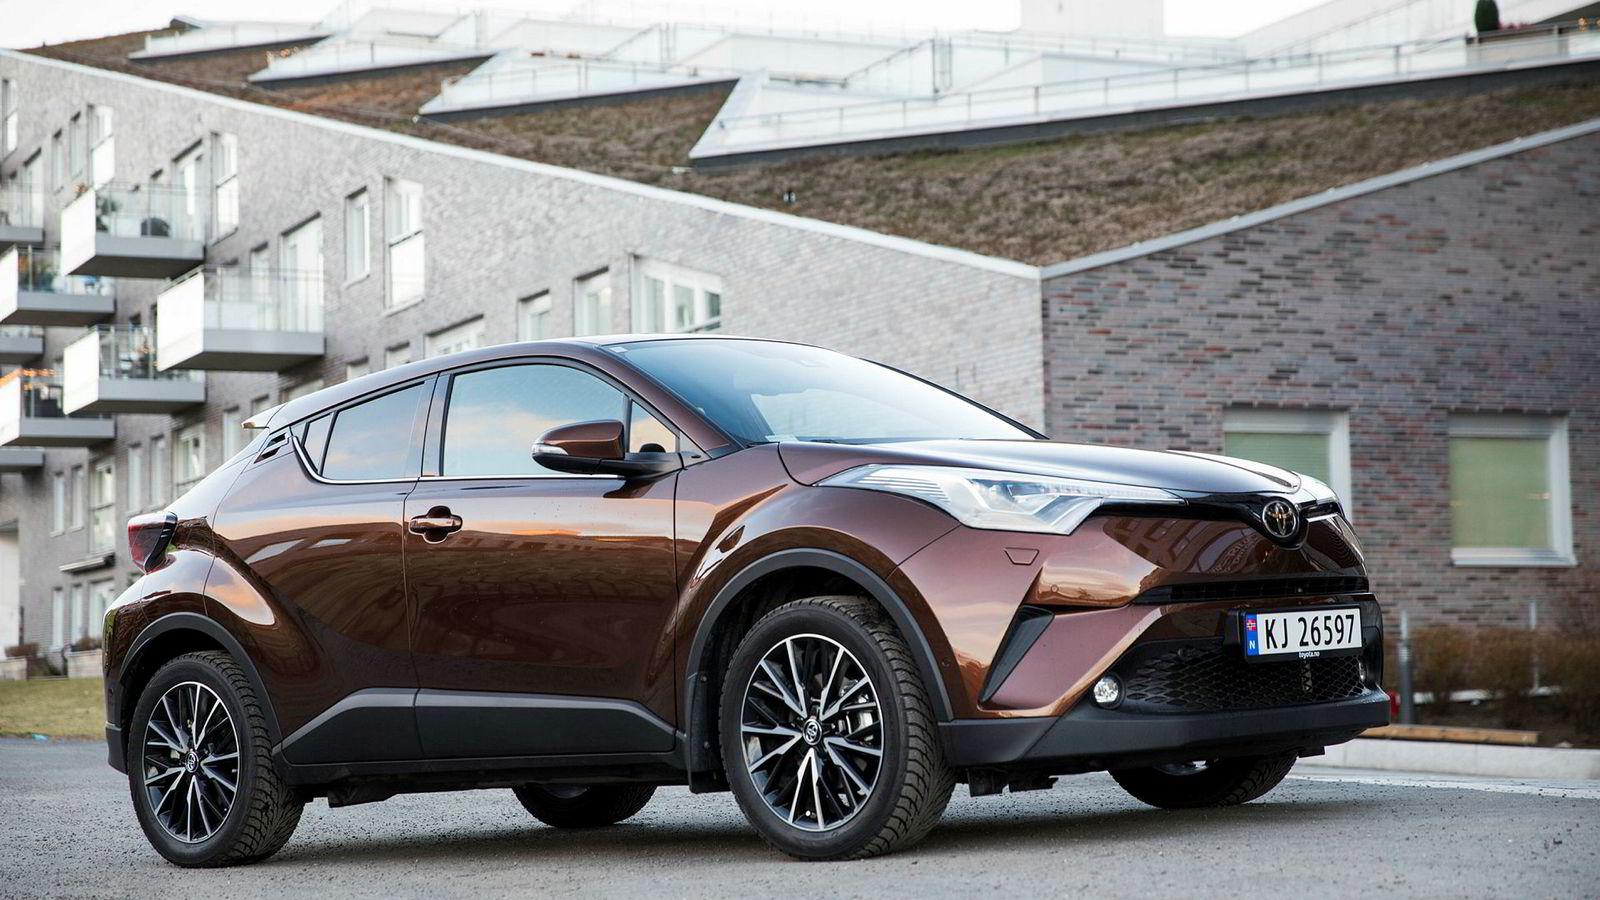 Nye Toyota C-HR har et nær sagt vågalt design med vinkler og kanter på de underligste steder, åpenbart noe påvirket av luksusdivisjonen Lexus og dens konseptbiler.